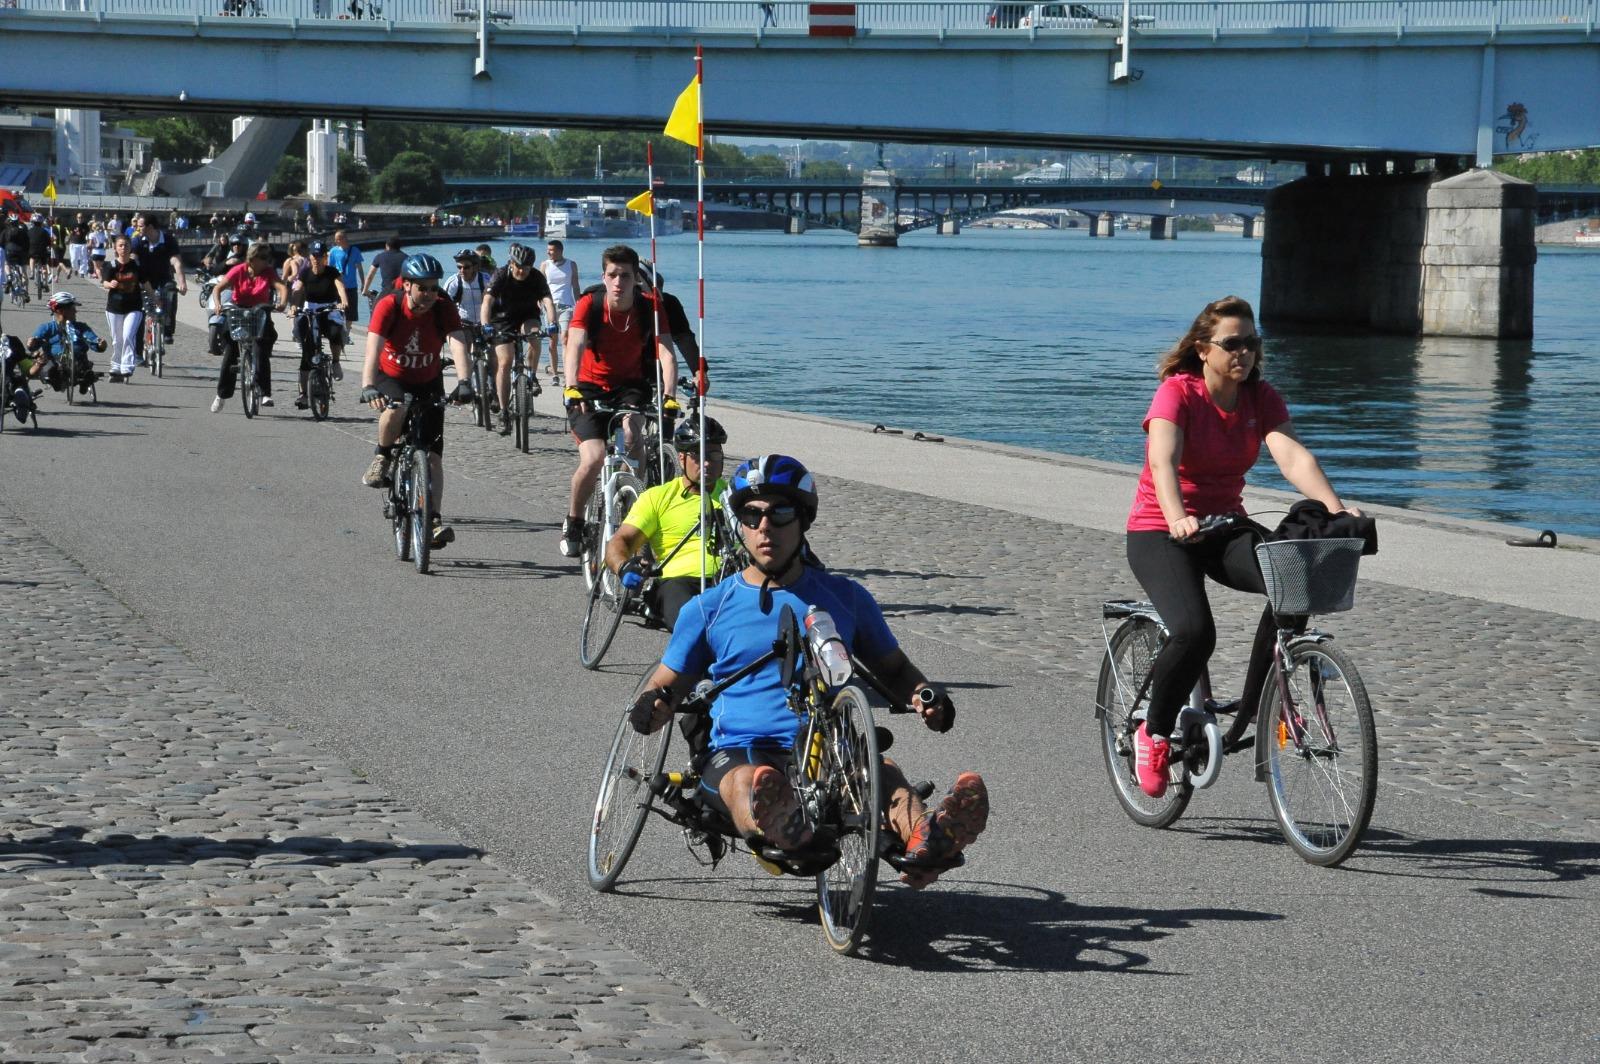 Les cyclistes de l'association Bet Halochem lors d'un voyage sur les routes de Genève. (Crédit photo : Handibiketrip.org)